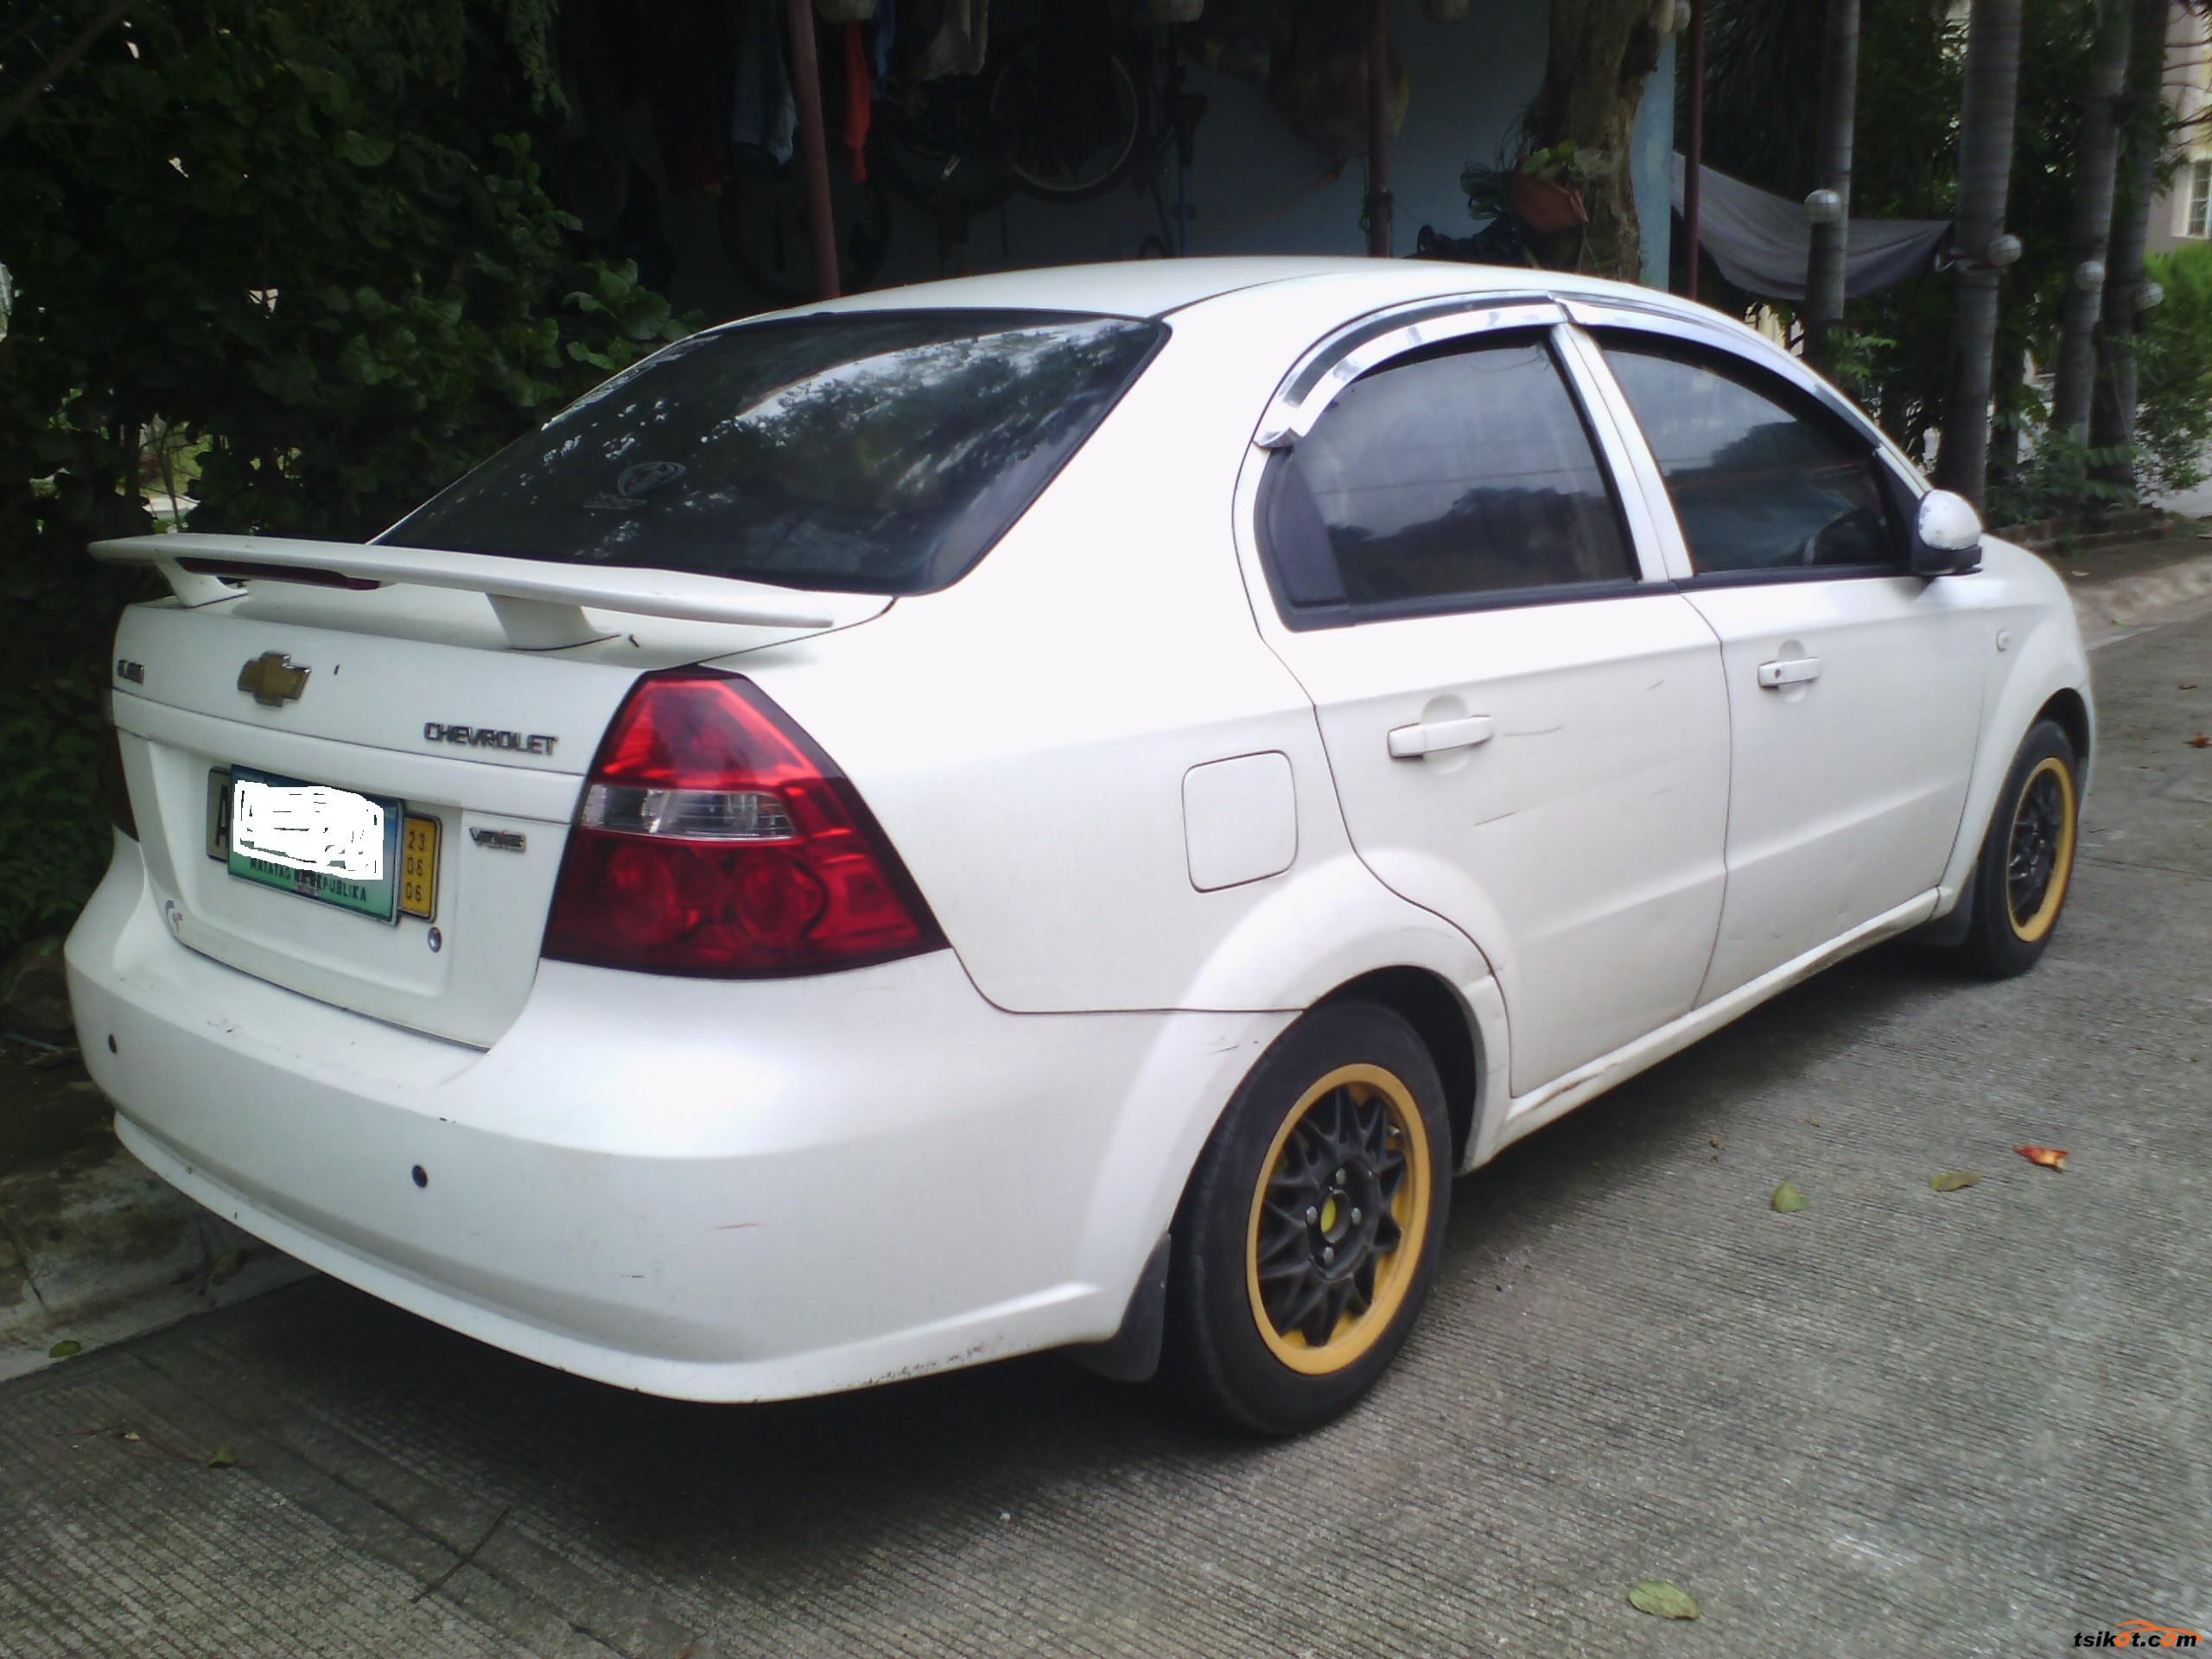 Chevrolet Aveo 2009 - 2